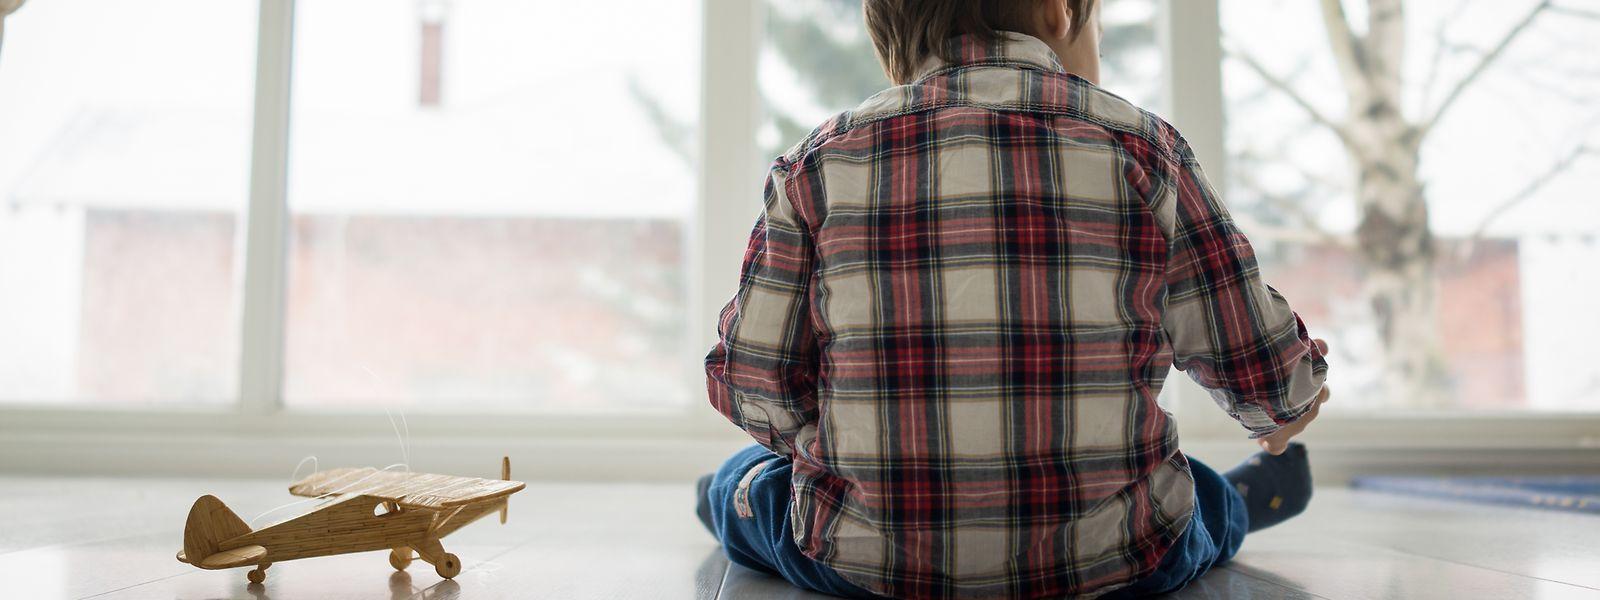 Menschen mit Autismus haben Schwierigkeiten, sich in der Gesellschaft zu integrieren. Betroffene Kinder verbringen daher meist lieber ihre Zeit alleine.